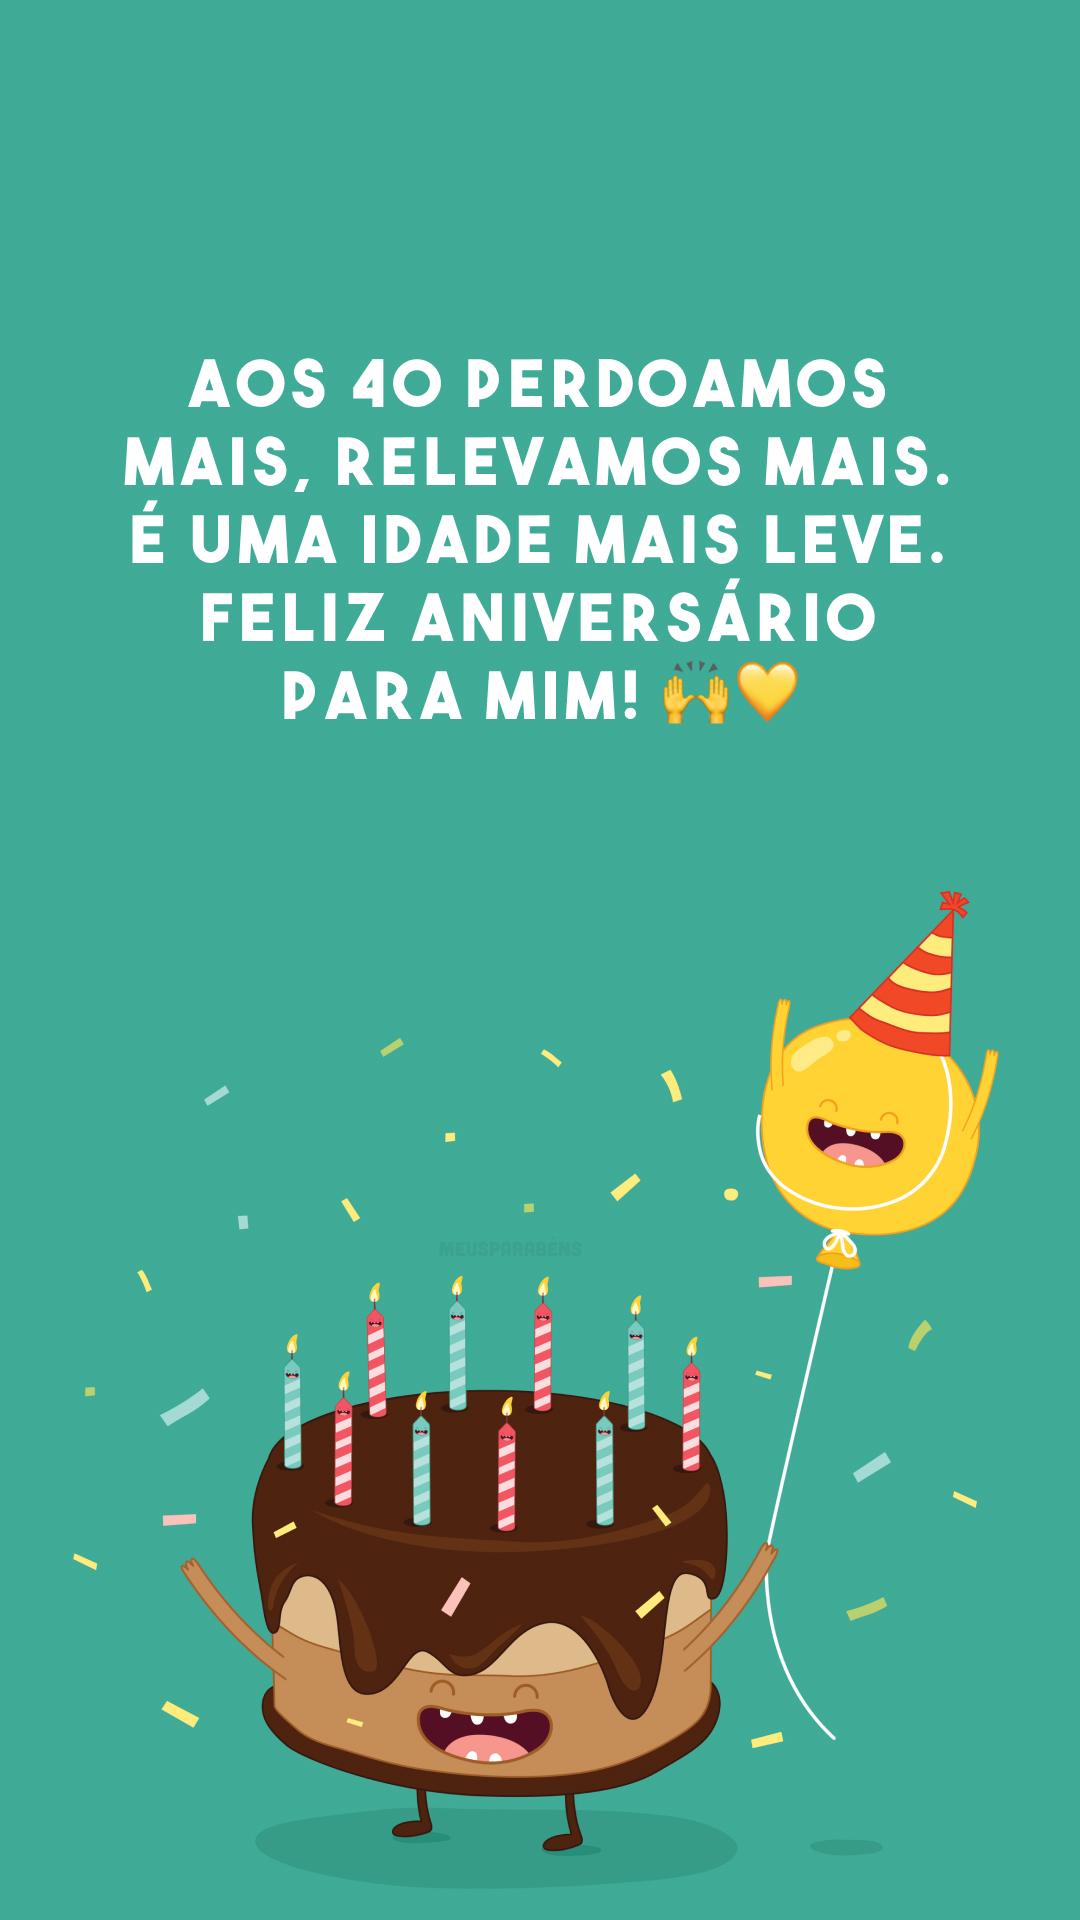 Aos 40 perdoamos mais, relevamos mais. É uma idade mais leve. Feliz aniversário para mim! 🙌💛